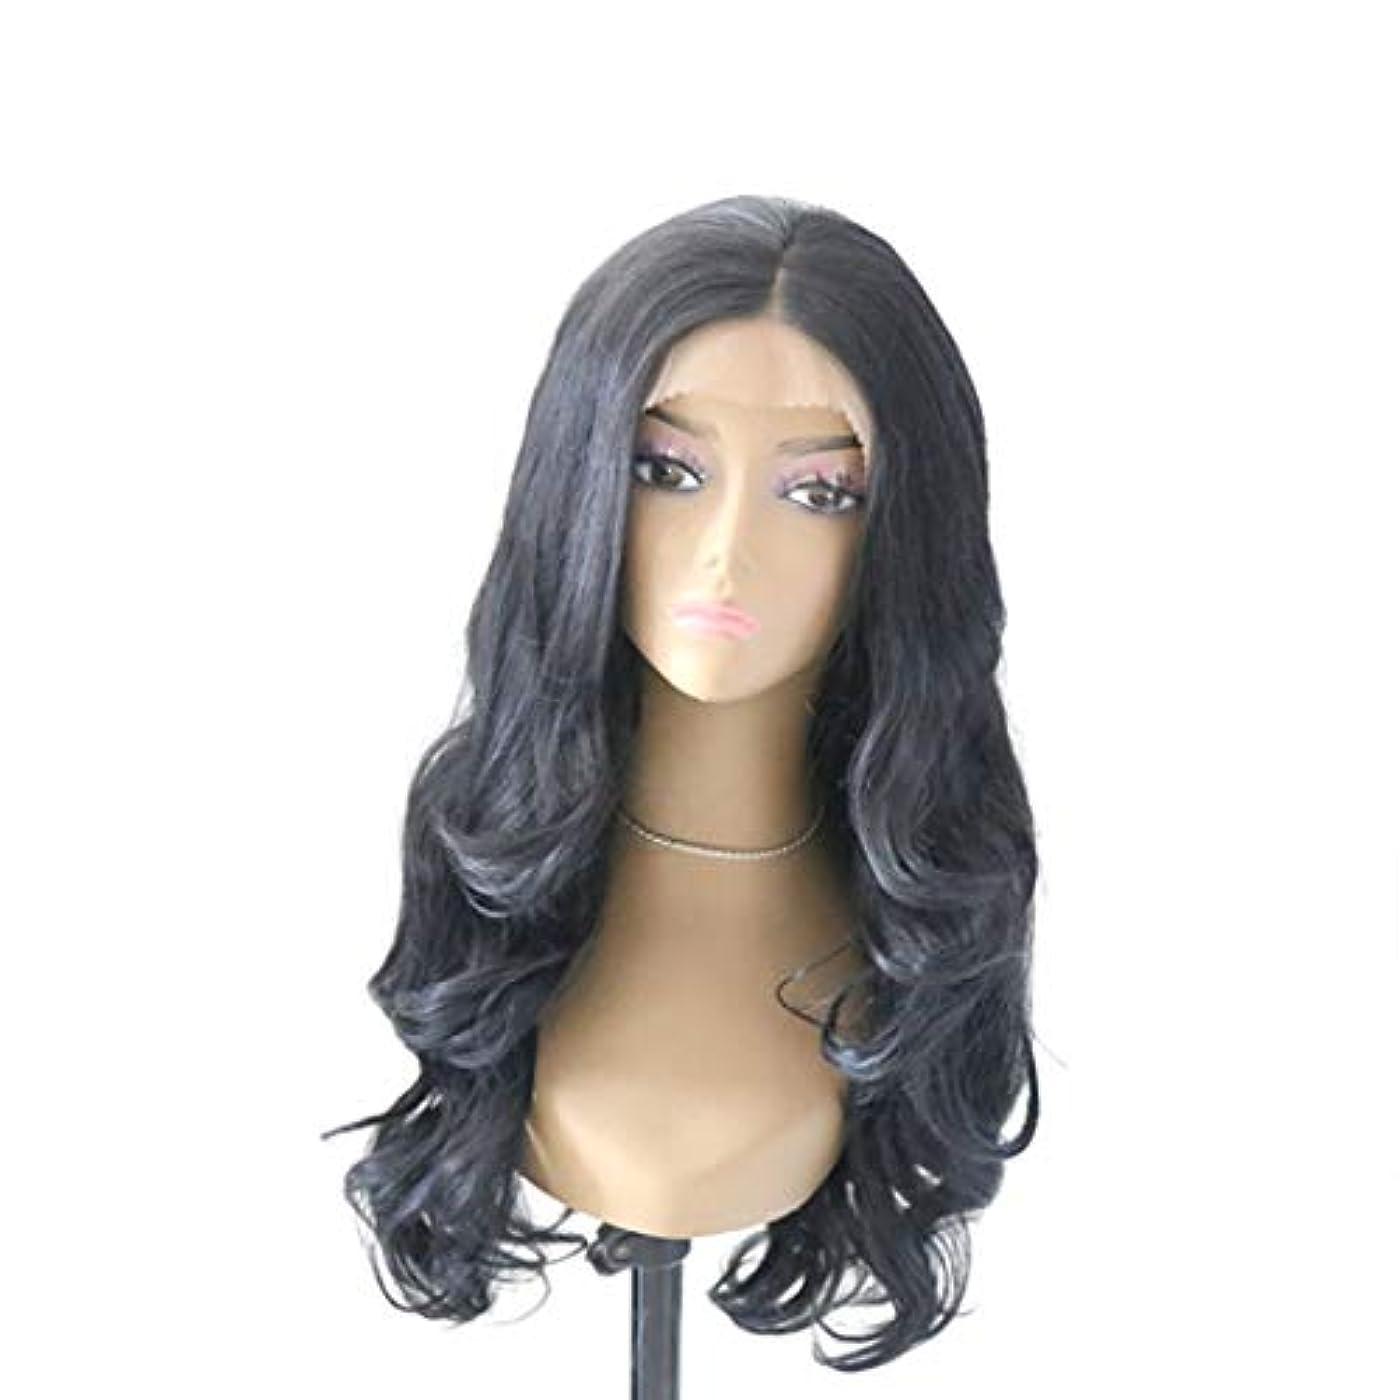 しょっぱい伝導率枕Summerys 黒かつら女性のための大きな波状の巻き毛のフロントレース化学繊維かつら